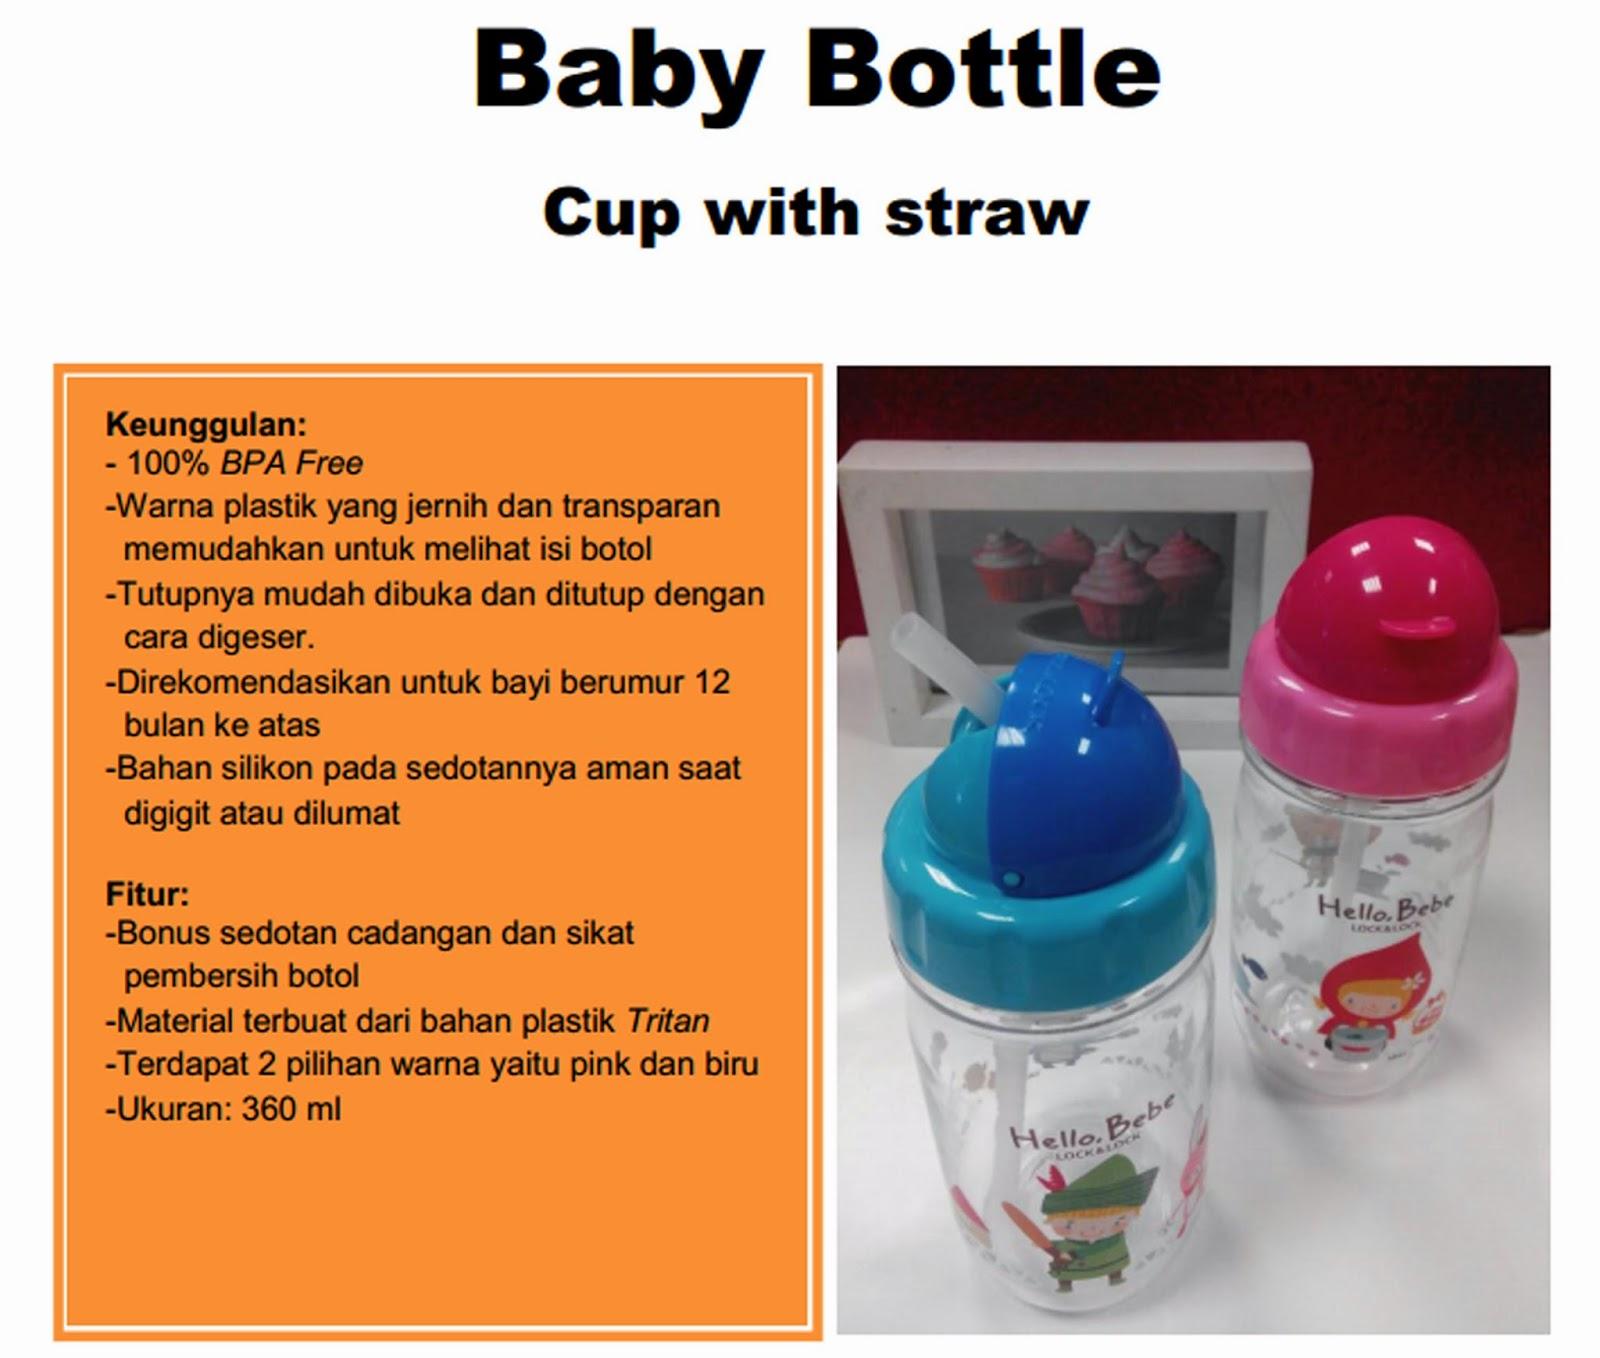 Yummie Mommie Sikat Pembersih Untuk Botol Eh Tapi Kalo Anaknya Cowok Ada Juga Pilihan Minum Yang Sesuai Kebutuhan Misalnya